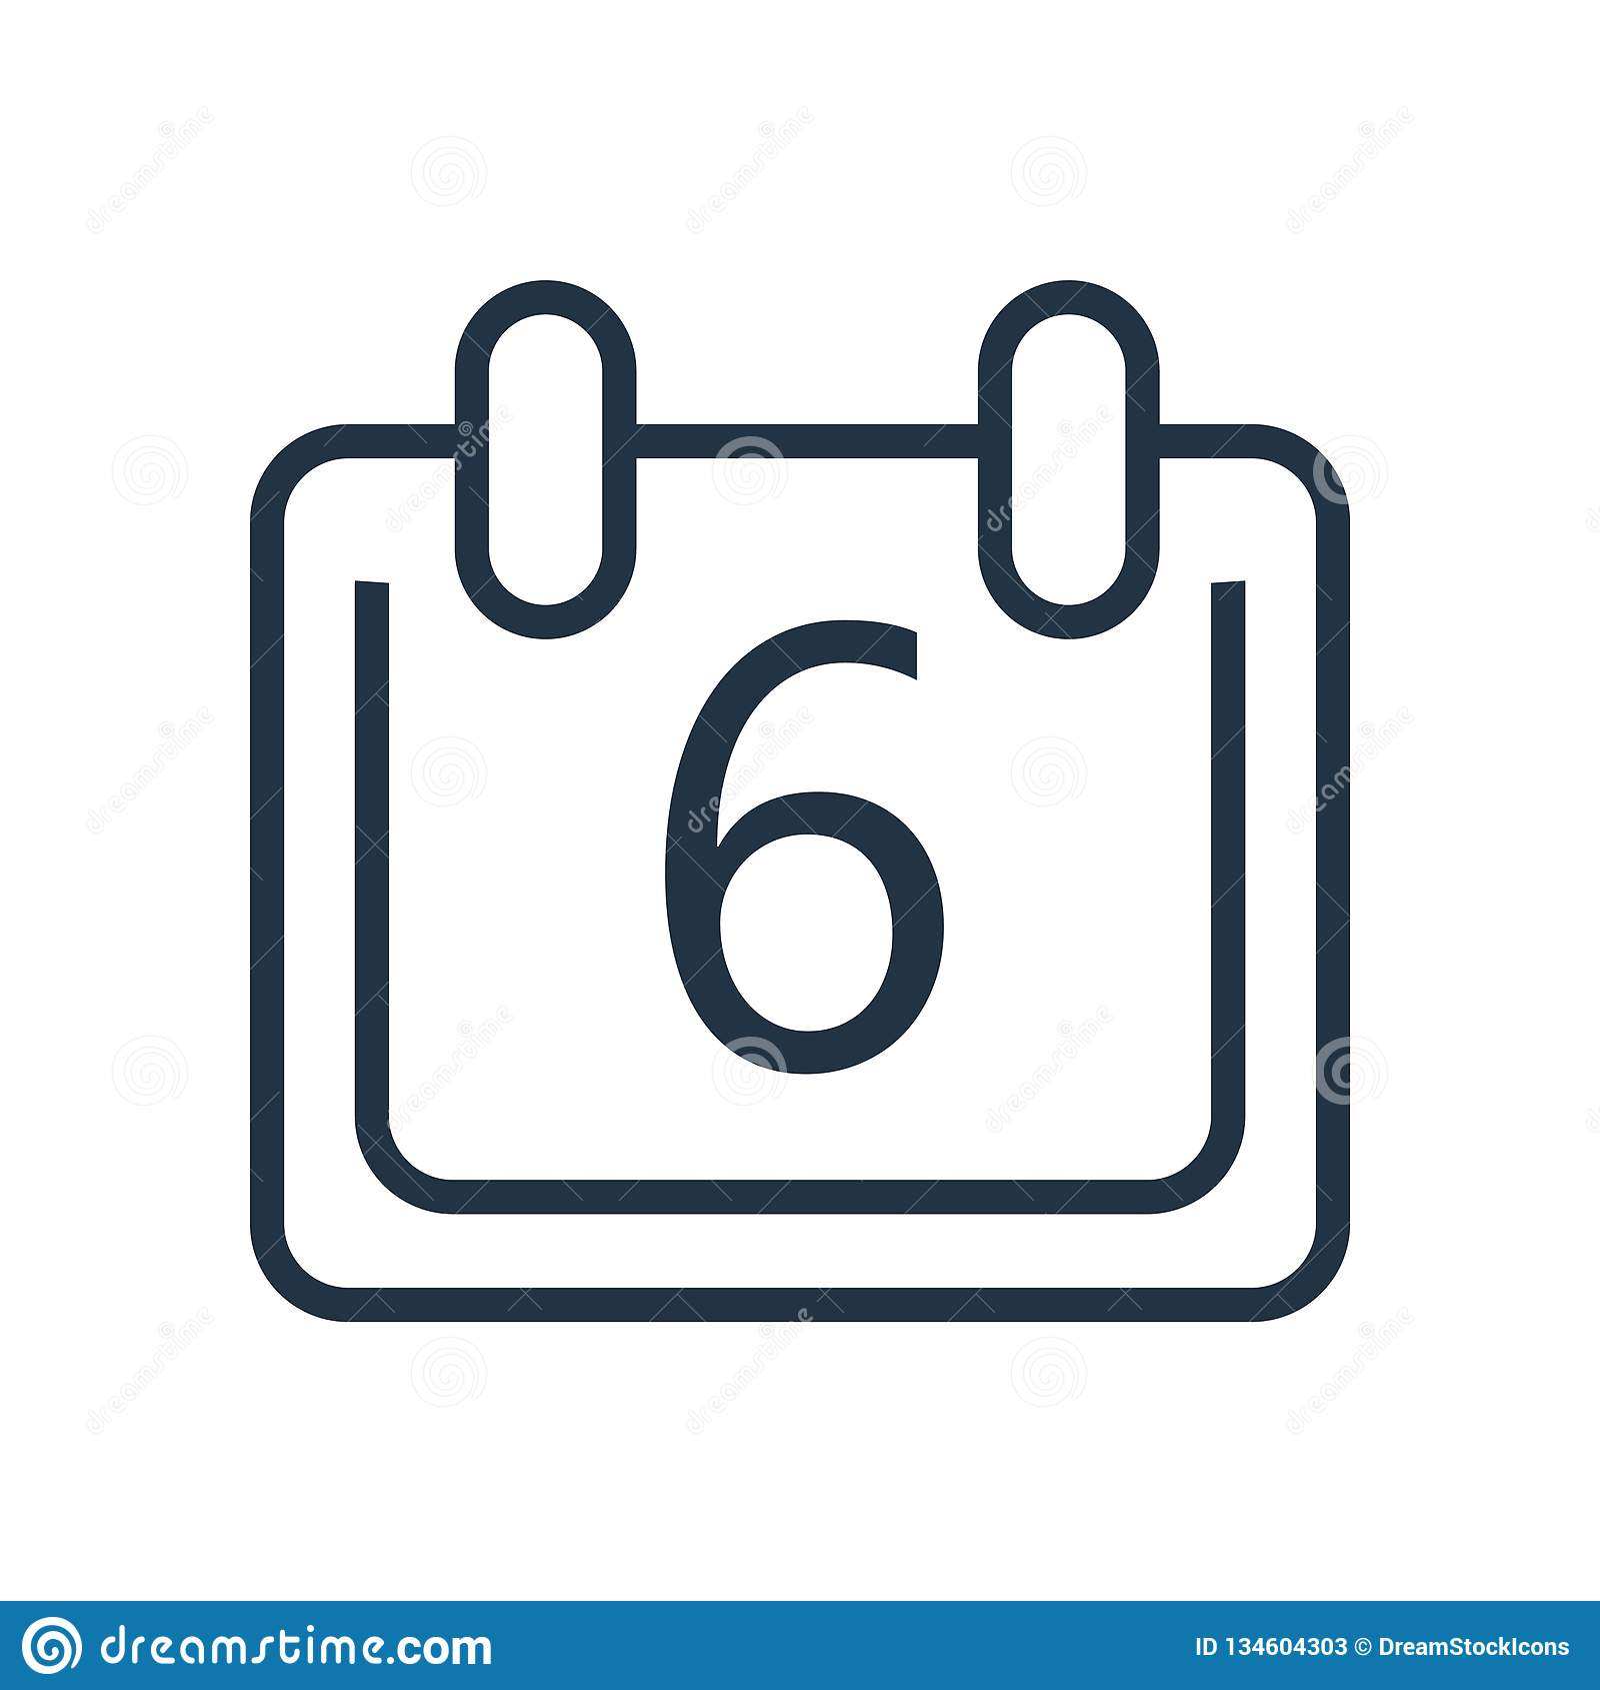 Calendario Vector Blanco.Calendar Icon Vector Isolated On White Background Calendar